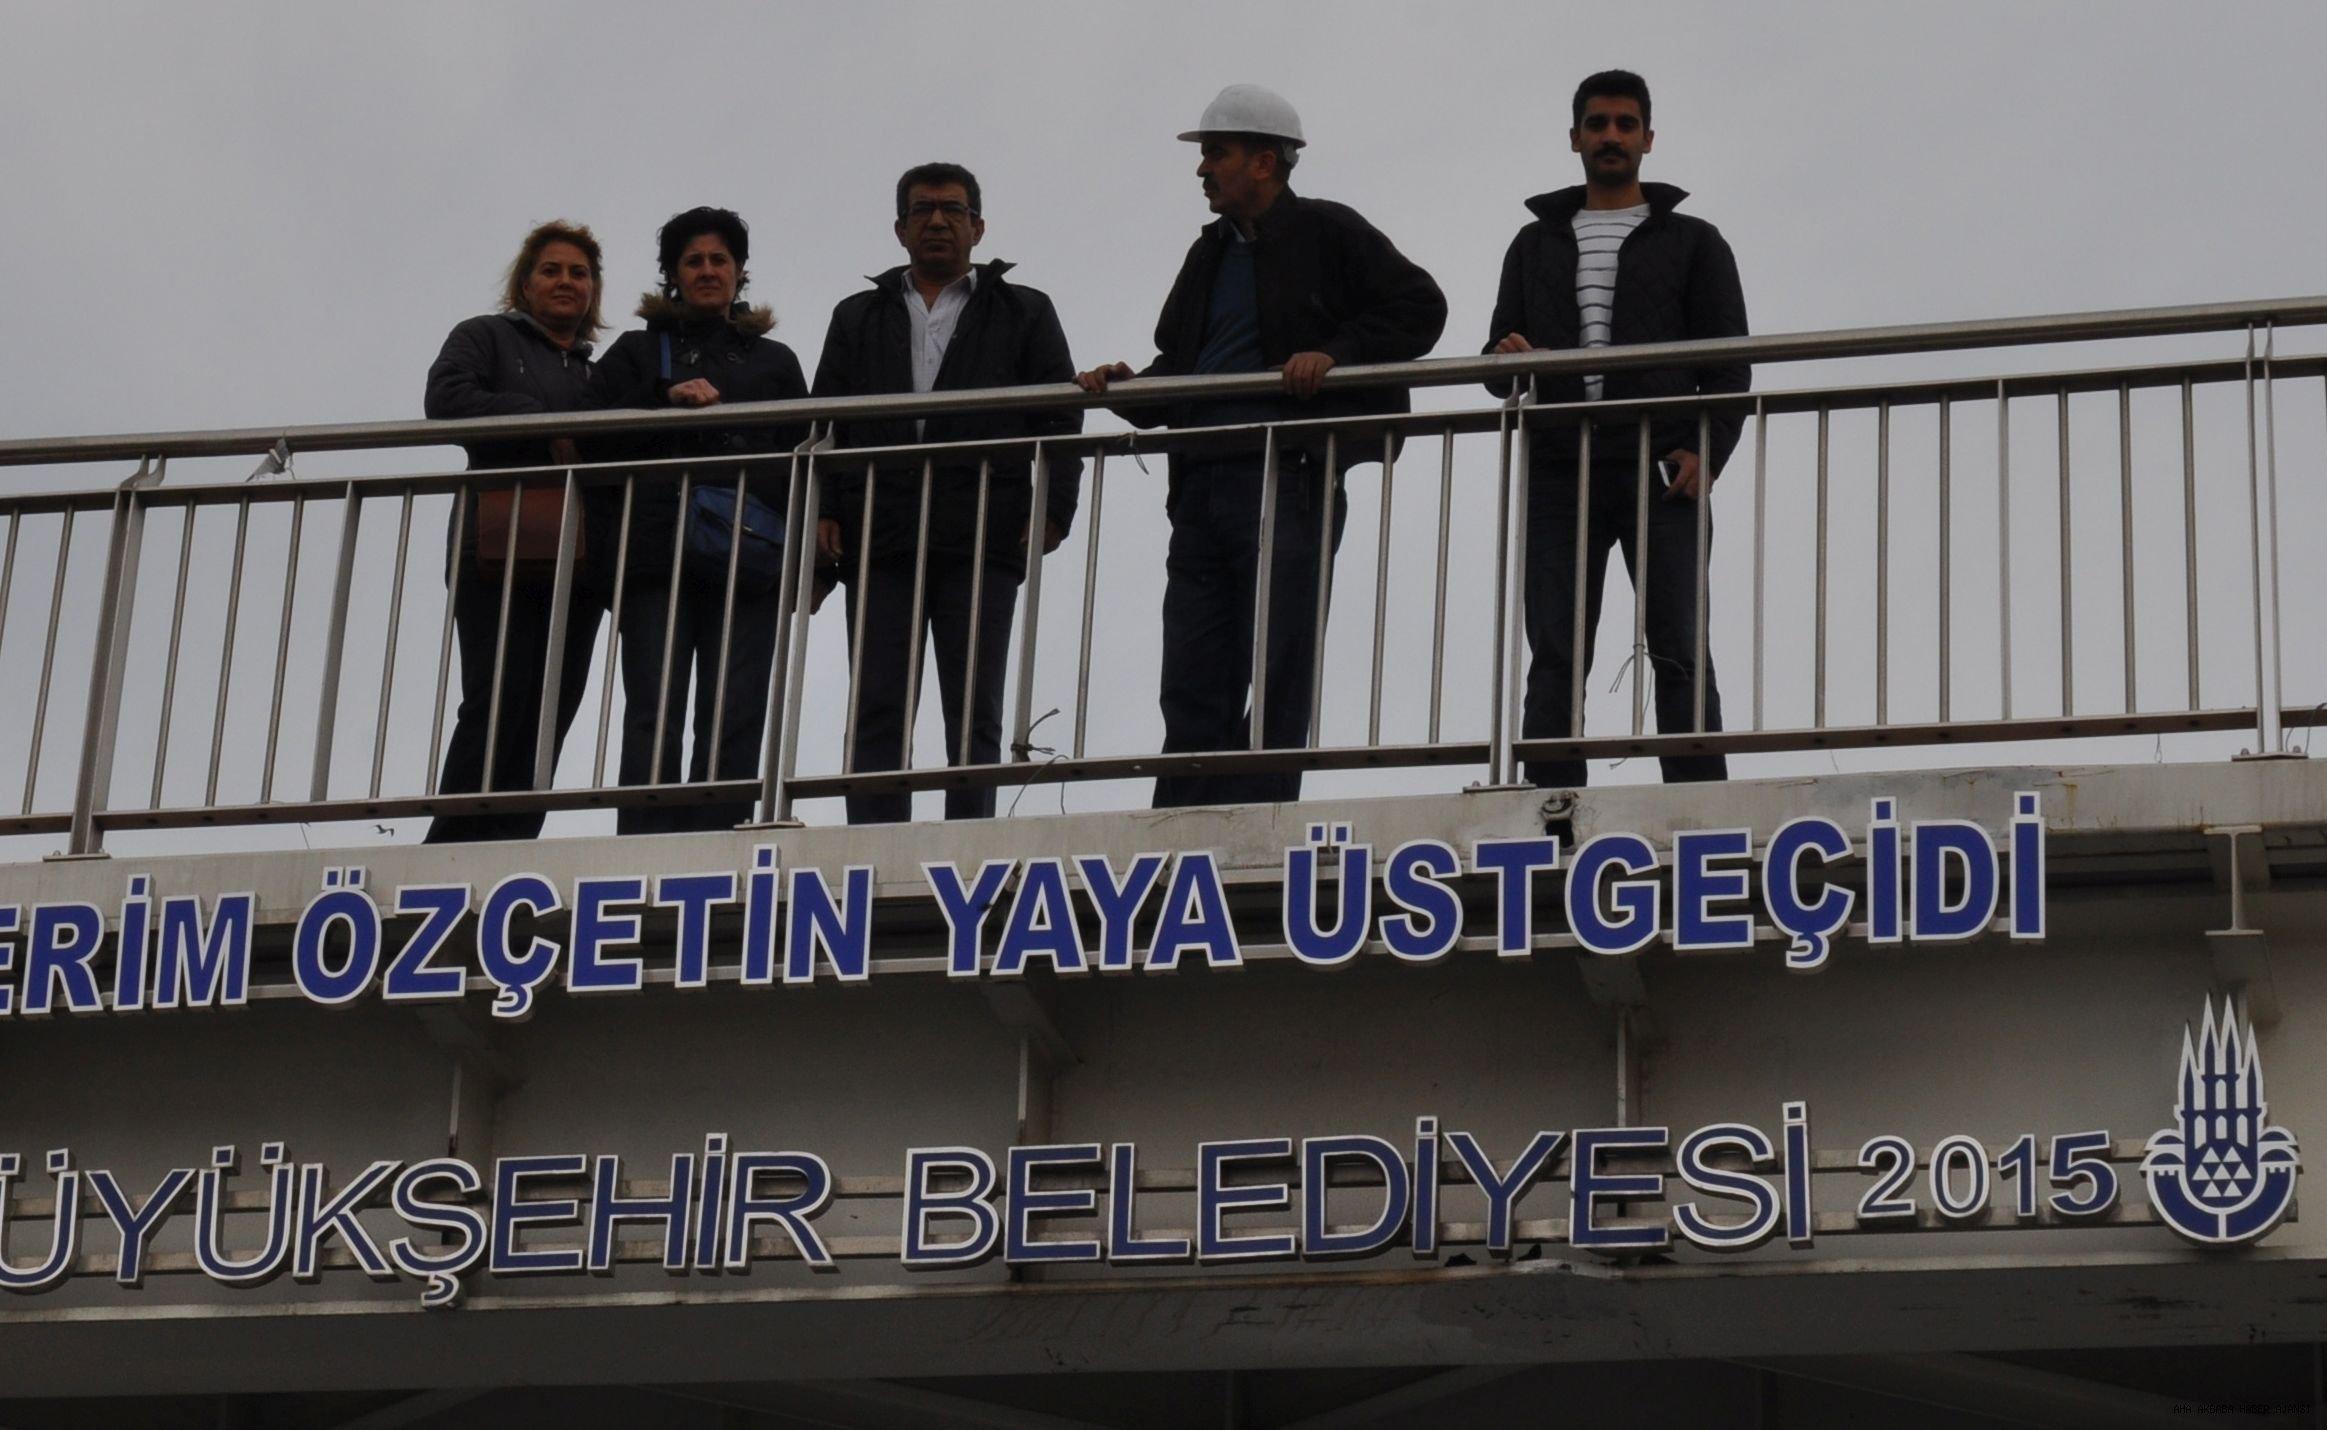 İBB Yaya Üstgeçide Yapıp Mustafa Kerim Özçetin İsmini Verdi